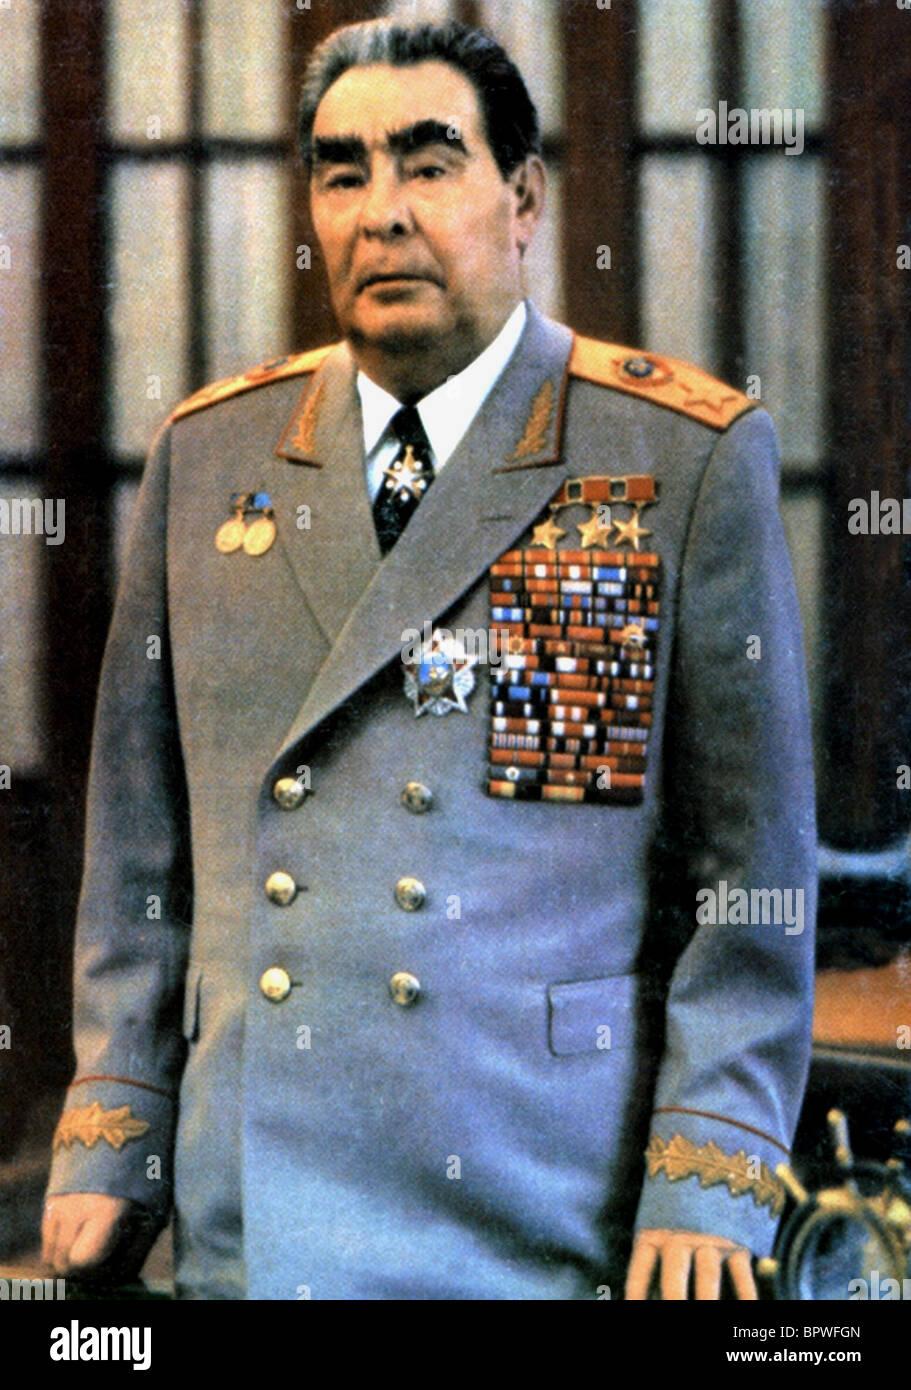 LEONID LIYICH BREZHNEV PRESIDENT OF SOVIET UNION 02 June 1979 - Stock Image